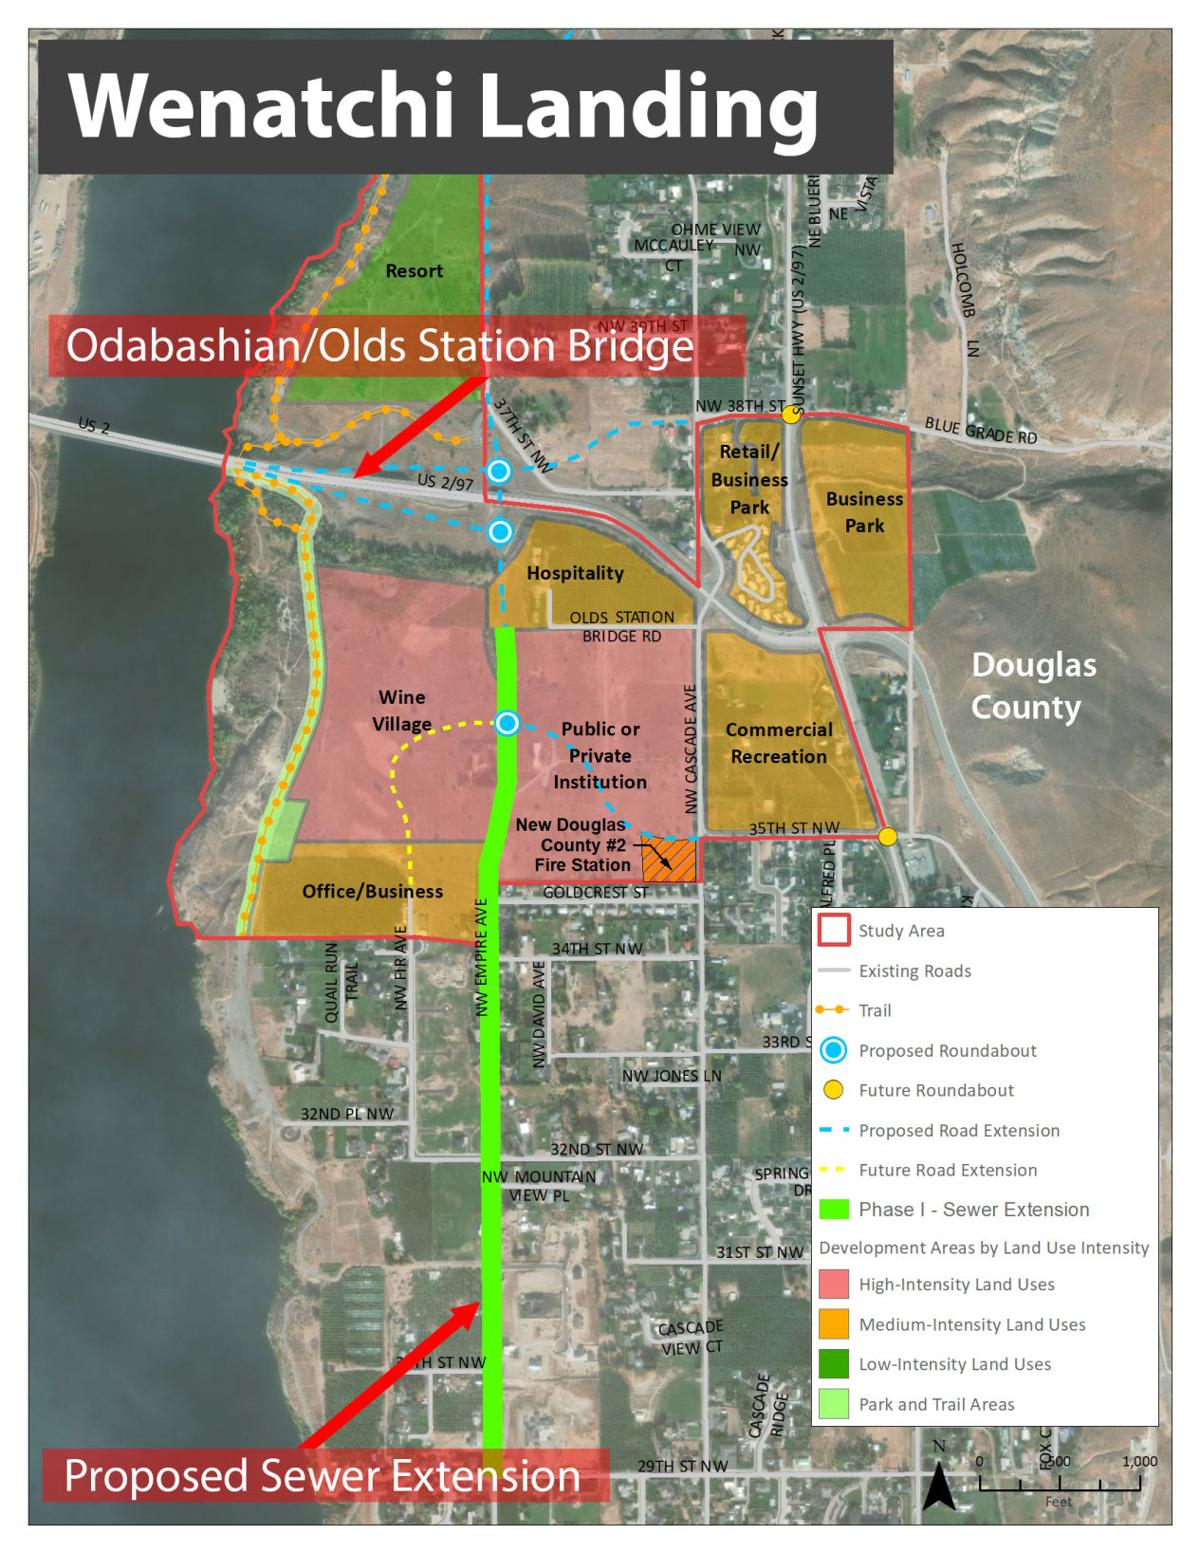 Wenatchi Landing sewer extension would allow economic development